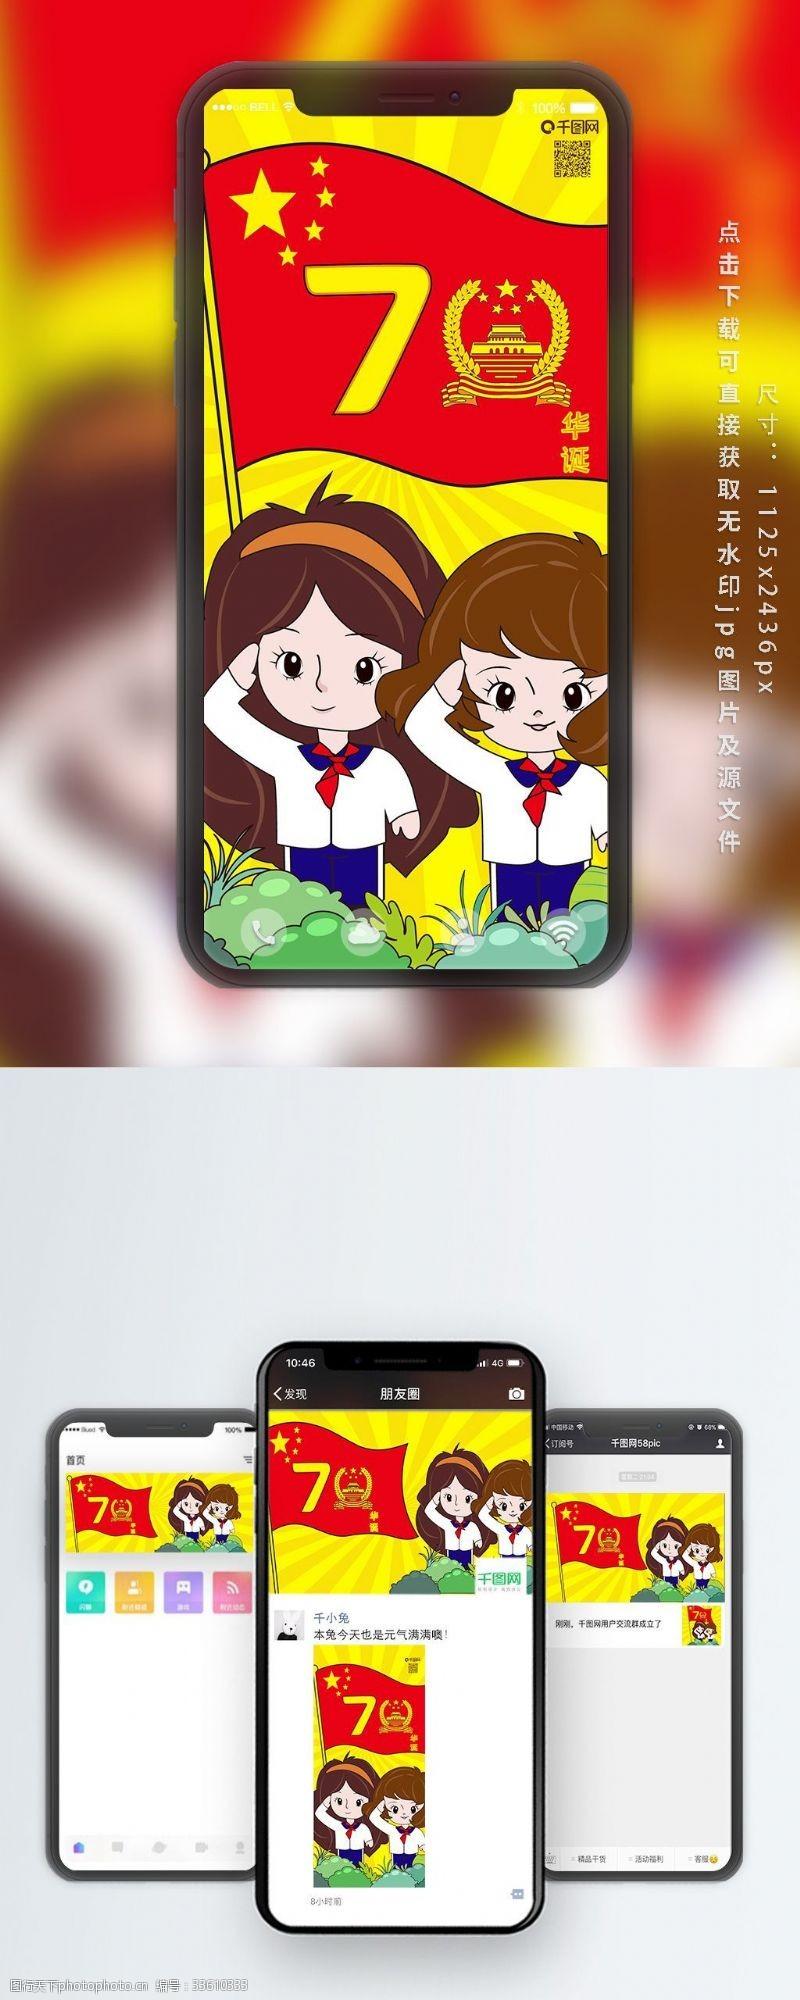 微信用图原创手机用图国庆节70华诞女孩向国旗敬礼